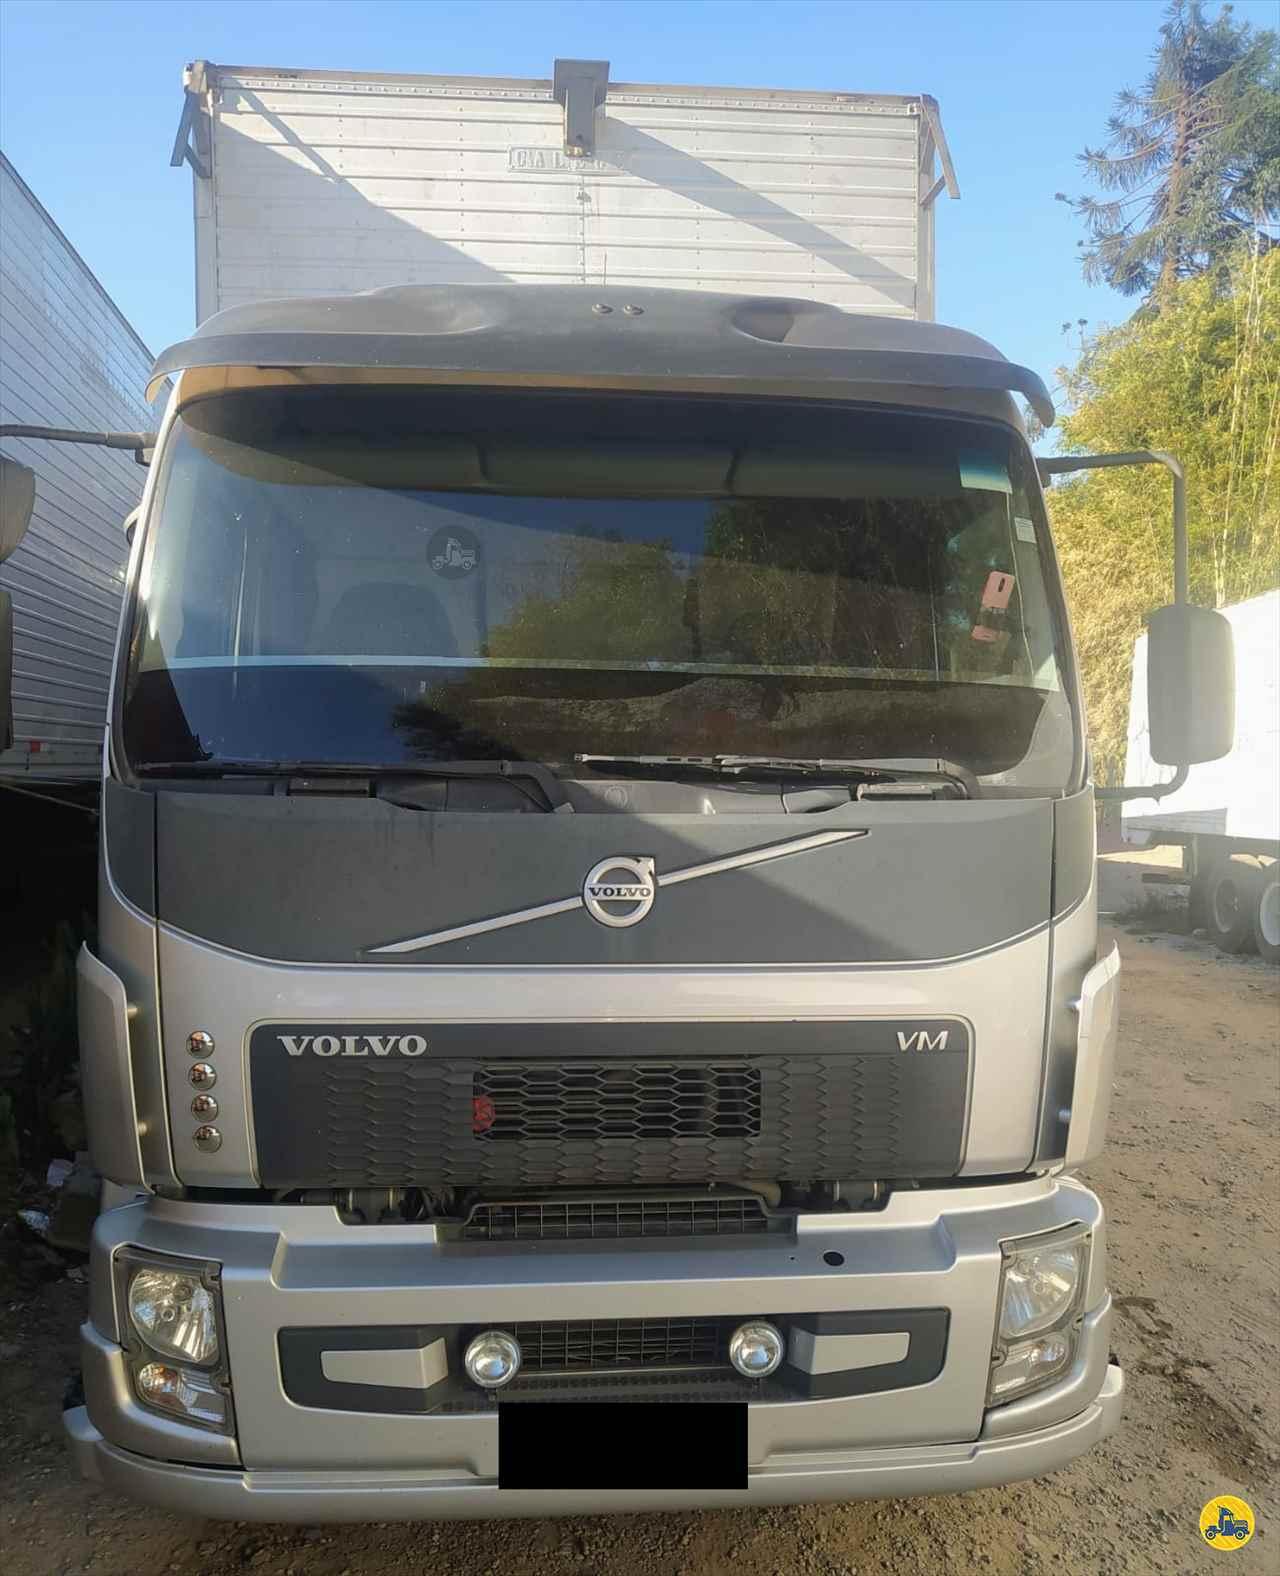 CAMINHAO VOLVO VOLVO VM 270 Baú Frigorífico Truck 6x2 Wilson Caminhões RIBEIRAO PIRES SÃO PAULO SP